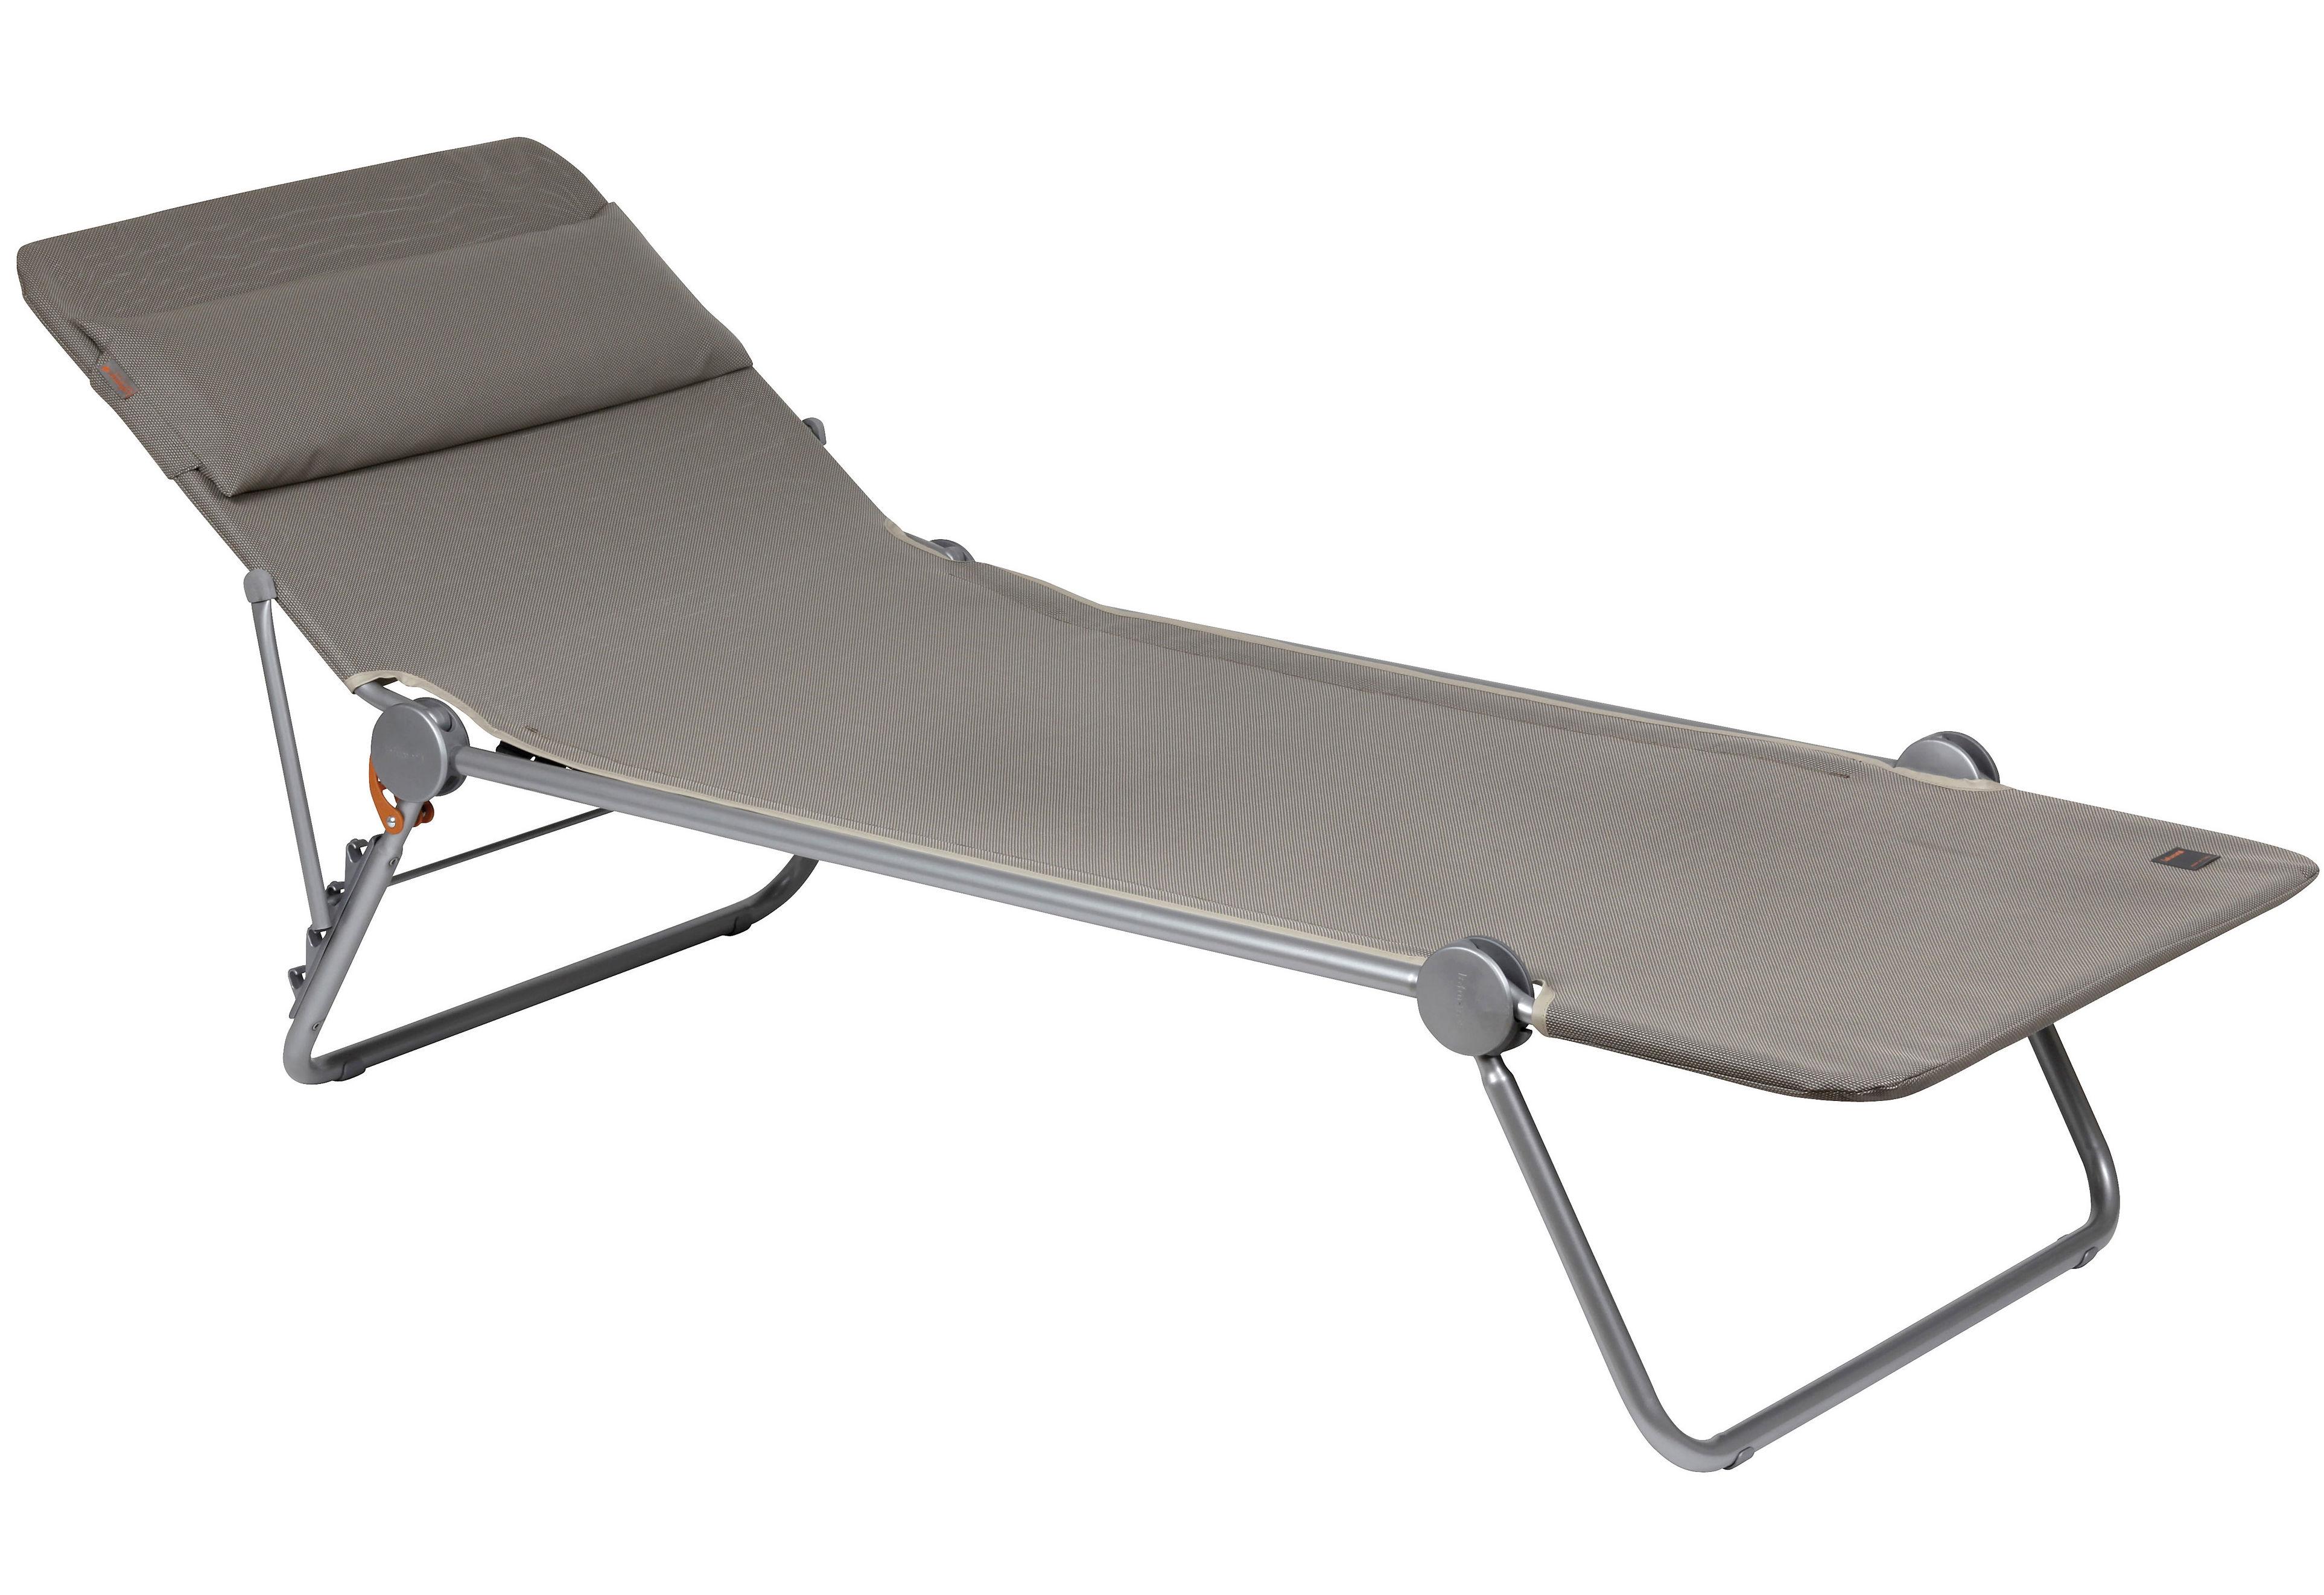 bain de soleil sunside plus inclinable et pliable bouleau. Black Bedroom Furniture Sets. Home Design Ideas